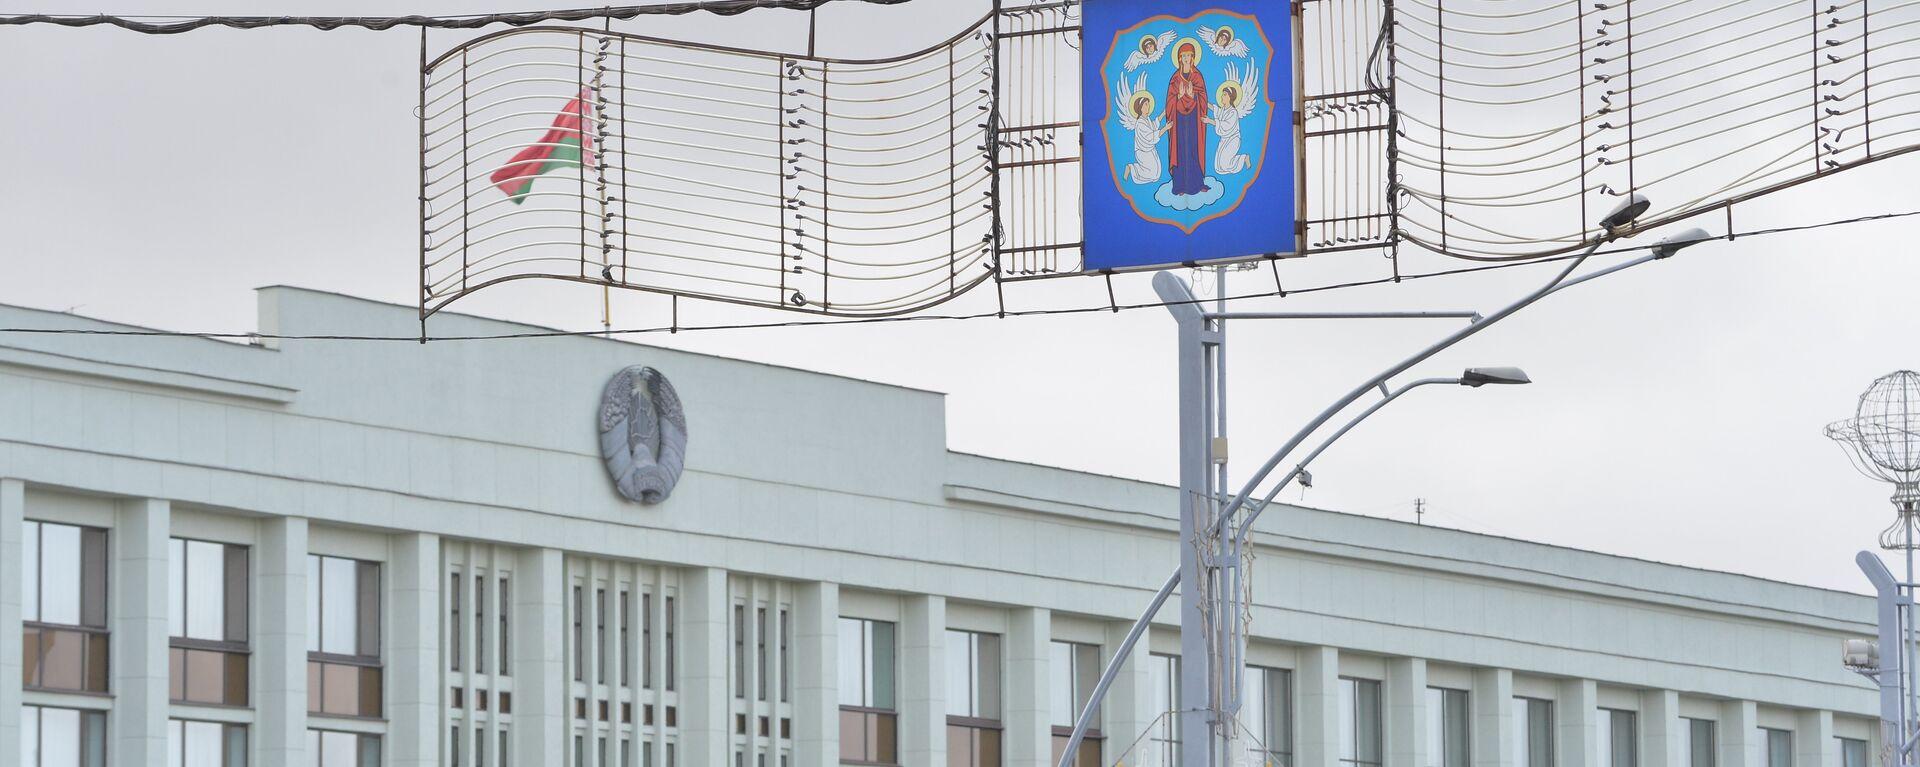 Здание Минского городского исполнительного комитета - Sputnik Беларусь, 1920, 26.01.2021